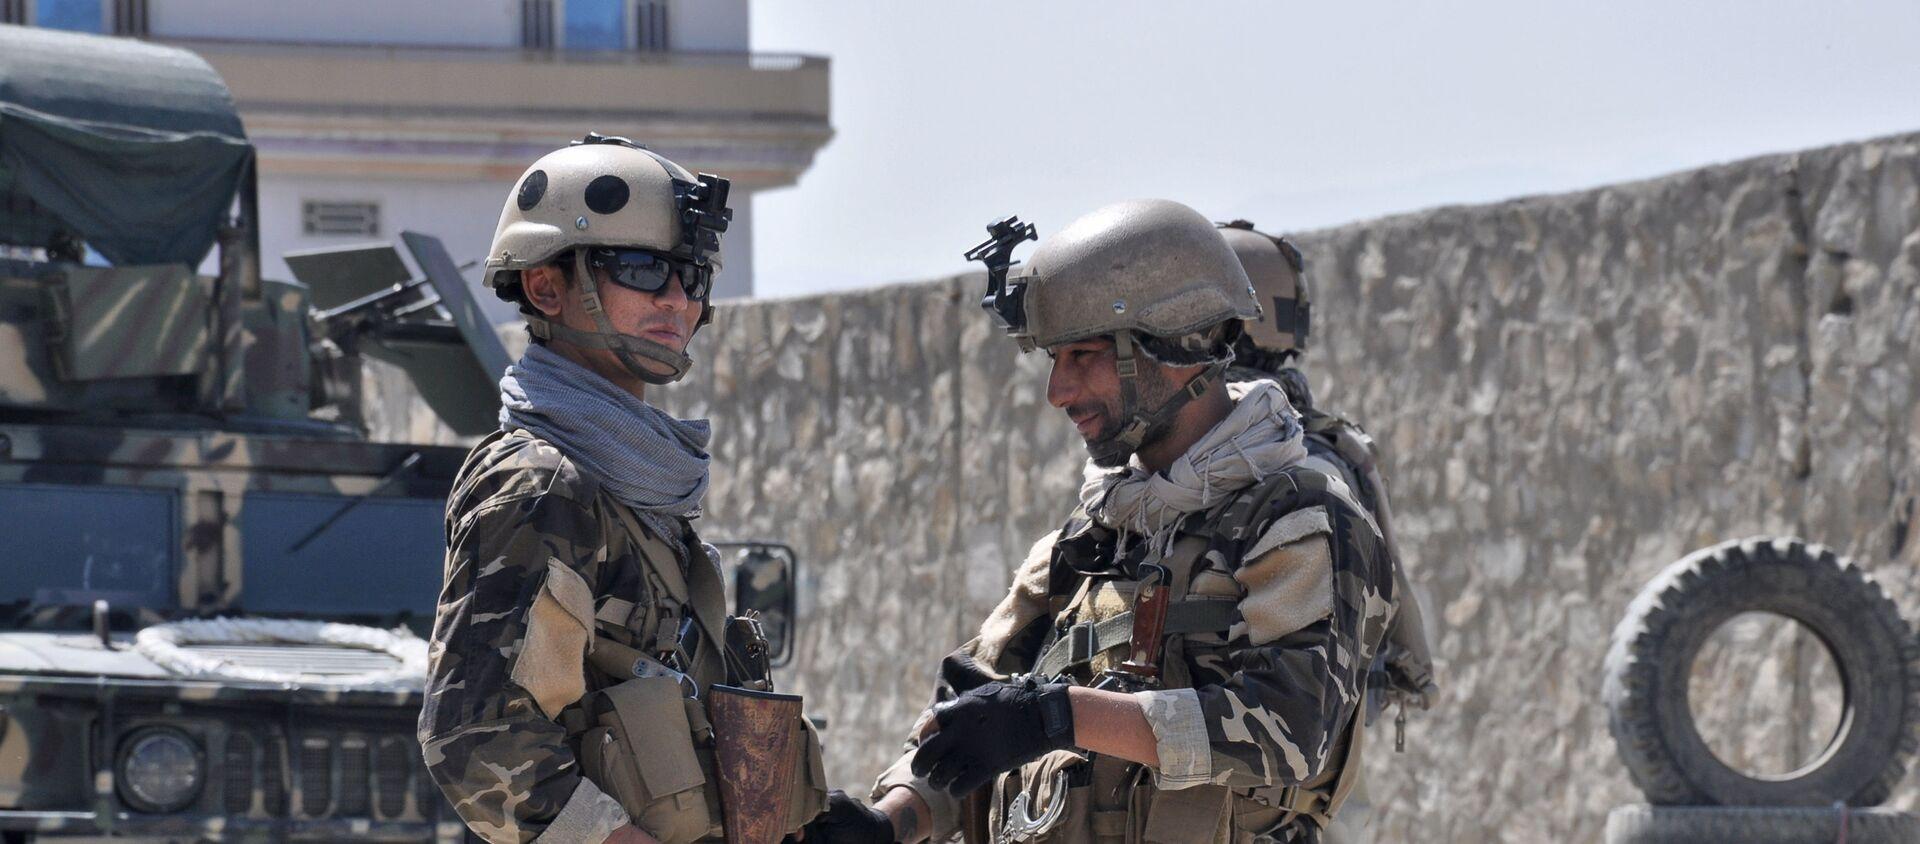 Đại diện của các dịch vụ đặc biệt Afghanistan trong vùng lân cận của sân bay Kabul, nơi đang xảy ra nổ súng - Sputnik Việt Nam, 1920, 16.08.2021